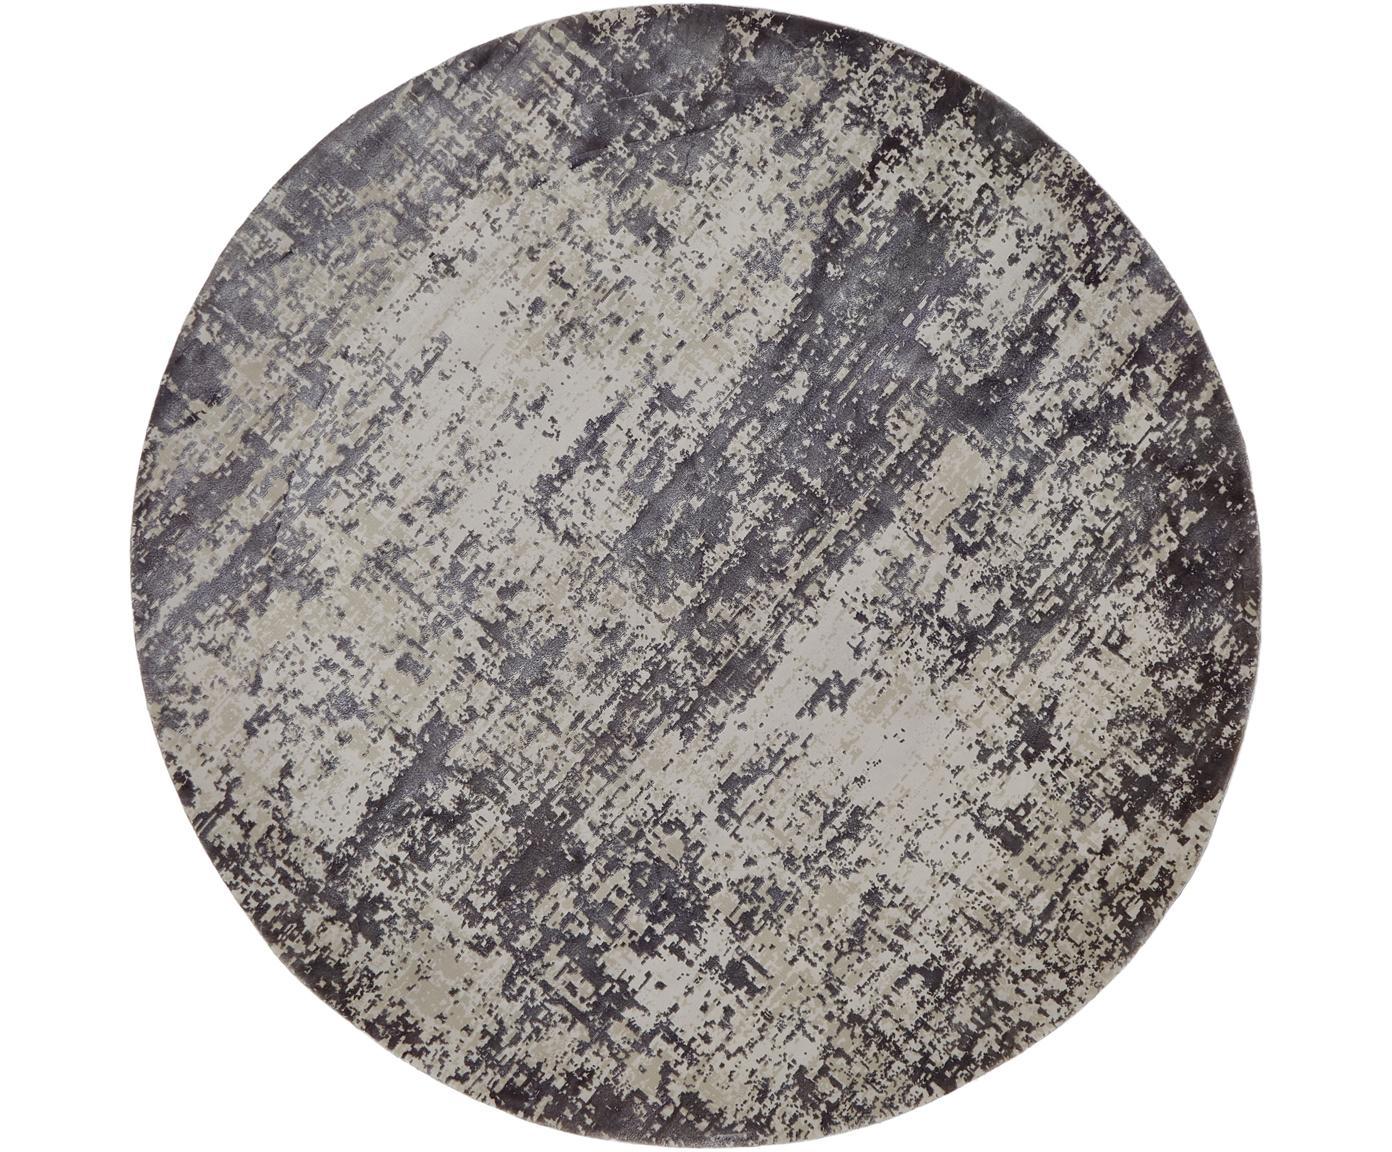 Tappeto rotondo vintage effetto lucido Cordoba, Retro: poliestere, Grigio chiaro, grigio scuro, Ø 150 cm (taglia M)